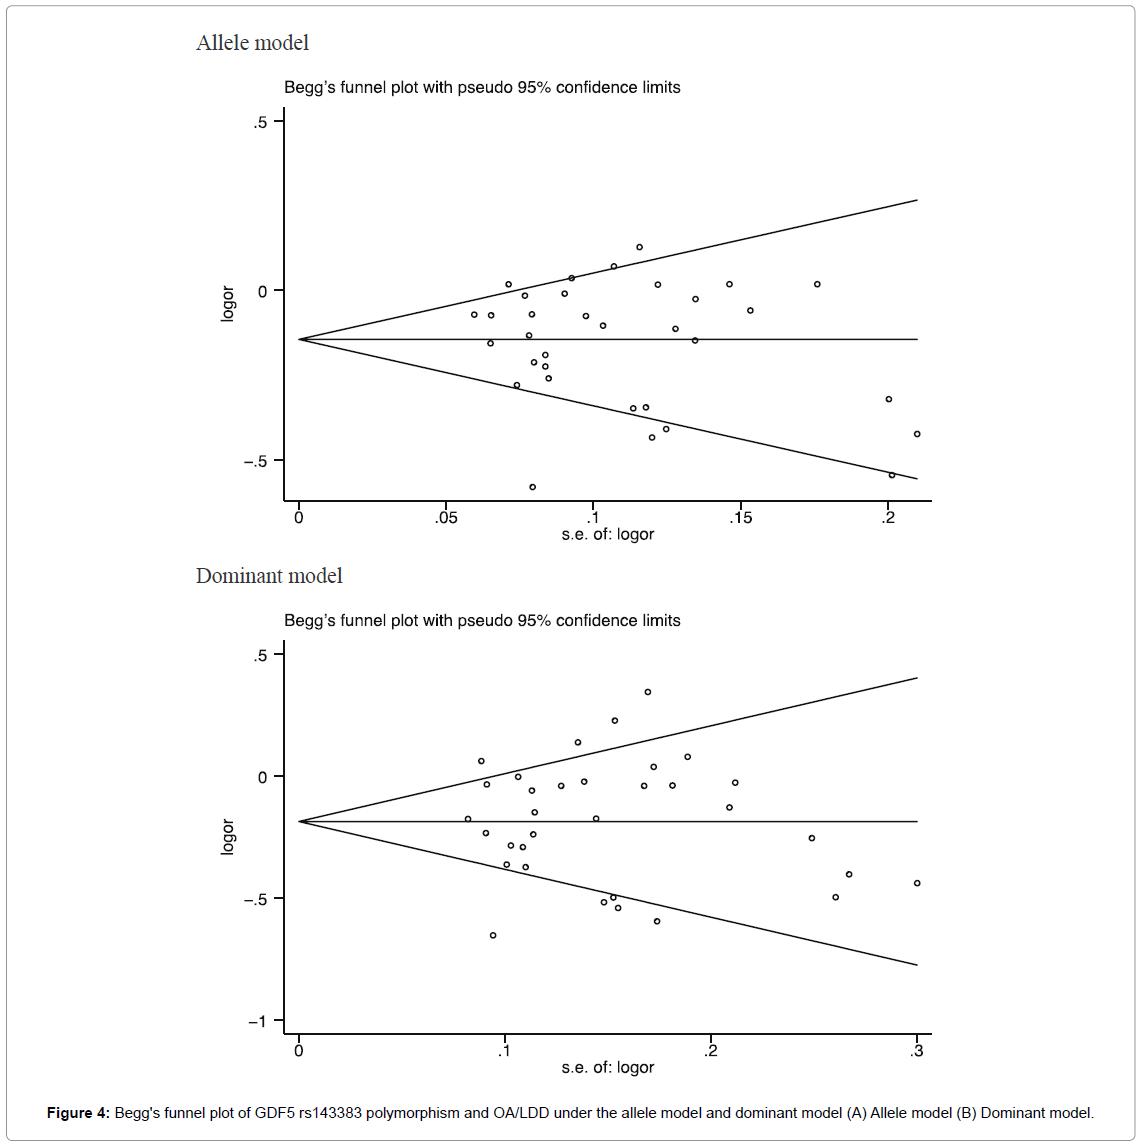 bone-marrow-research-funnel-plot